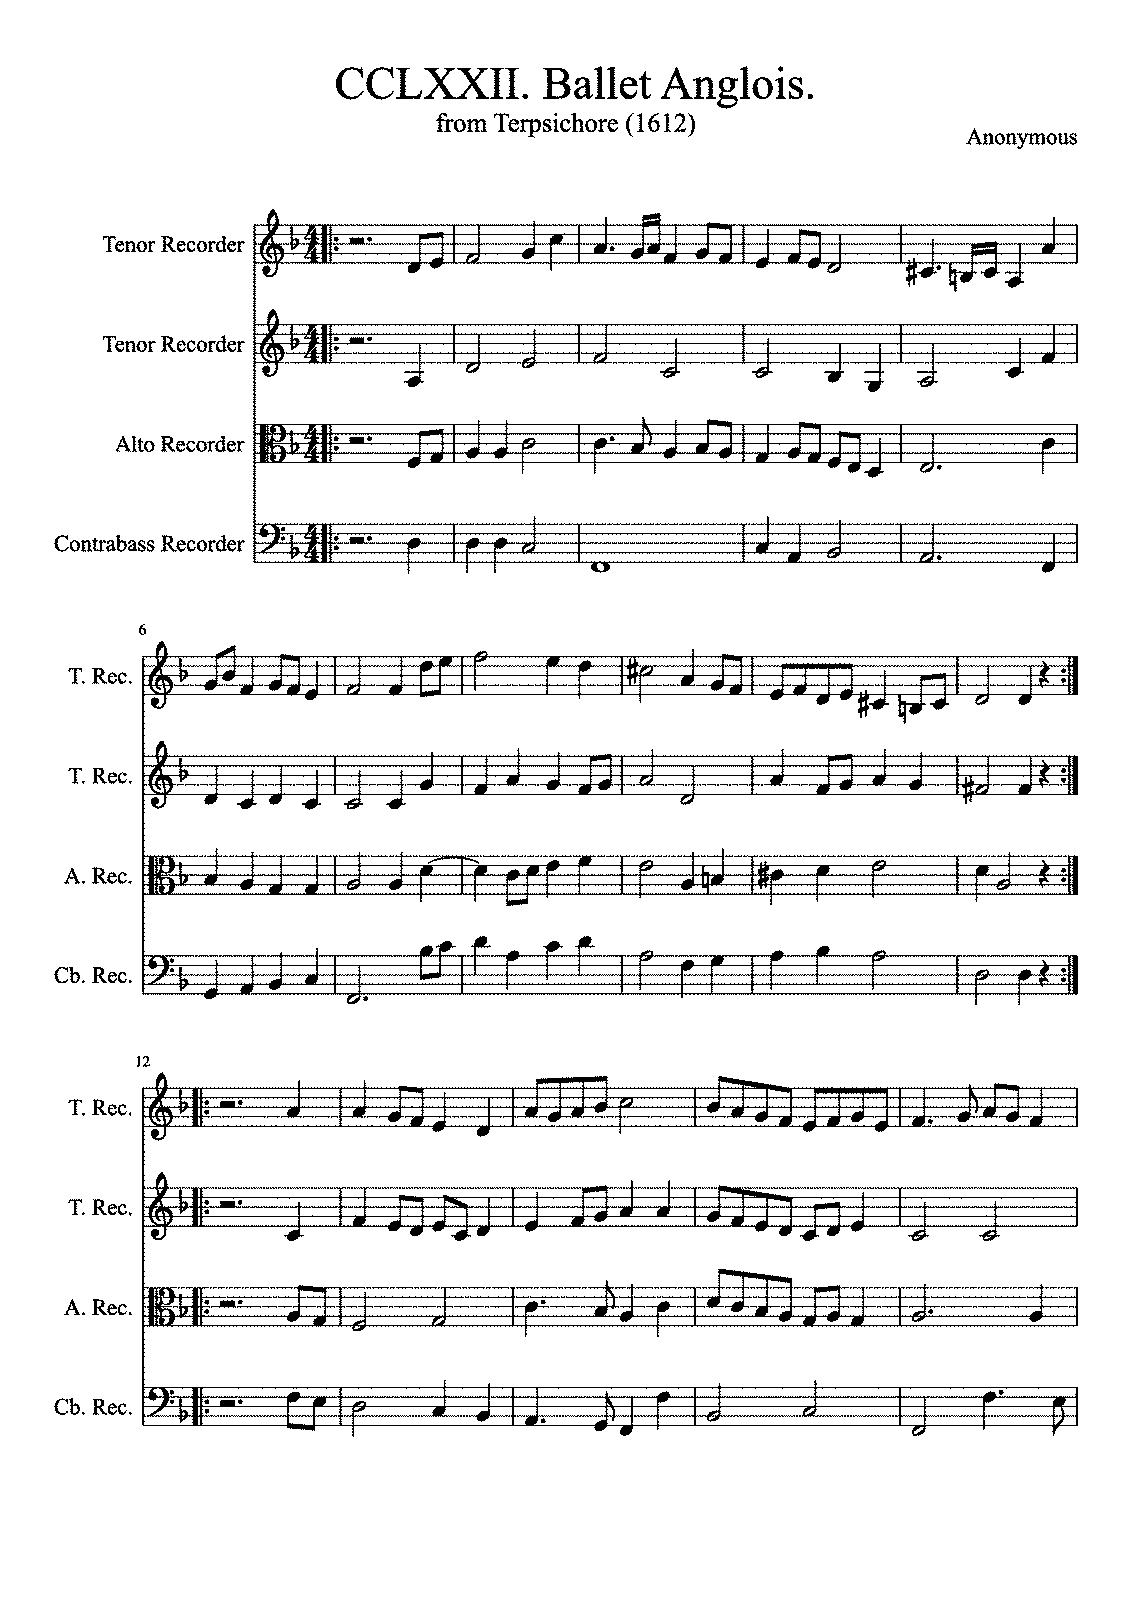 Anglois ballet anglois, tma 272 (praetorius, michael) - imslp: free